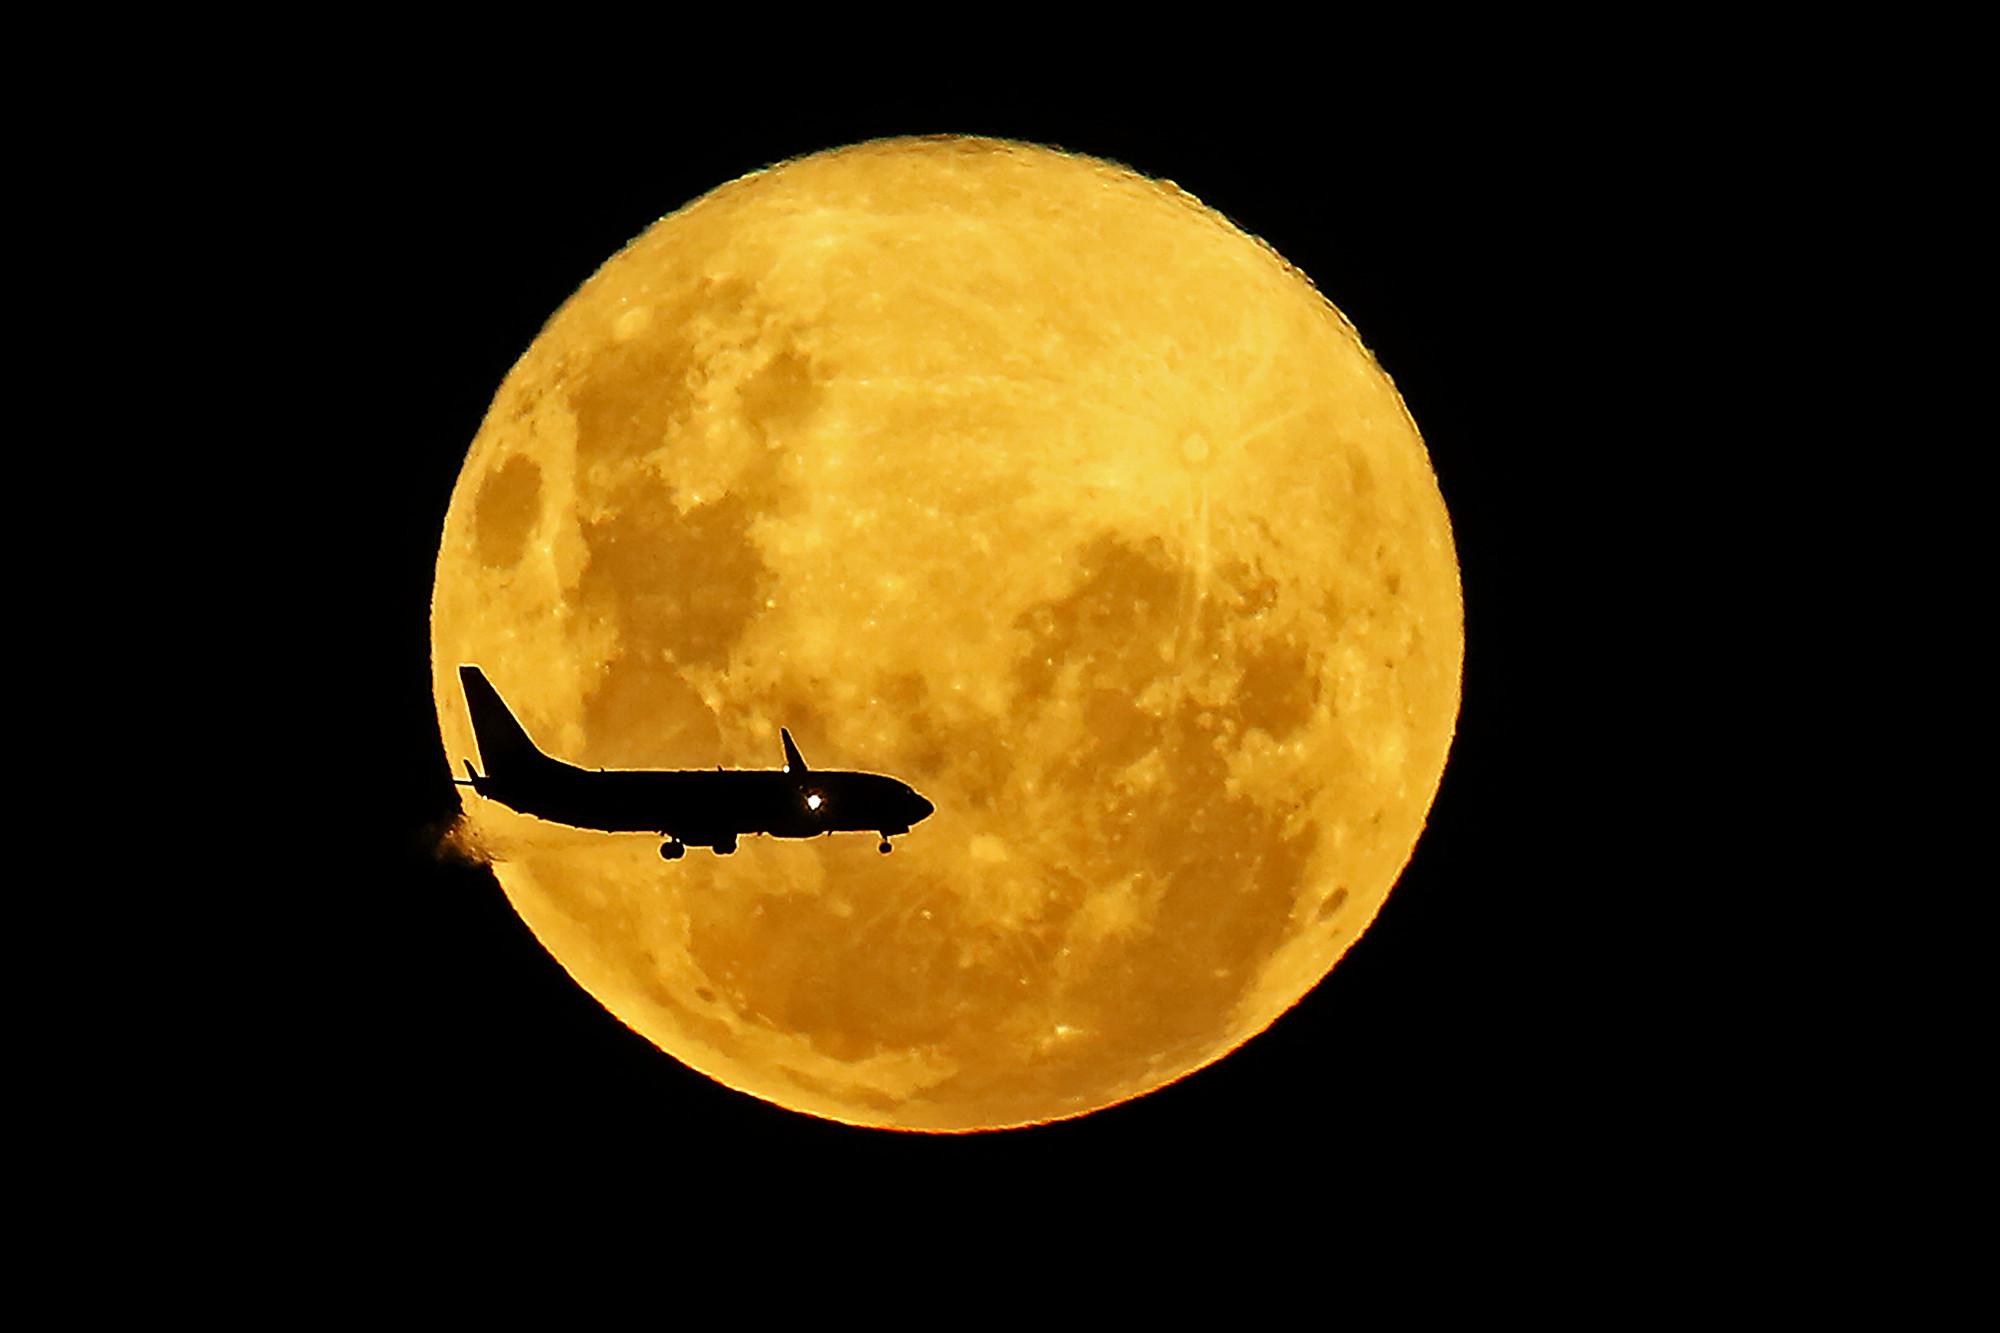 本周「花月」登場 今年最後一個超級月亮